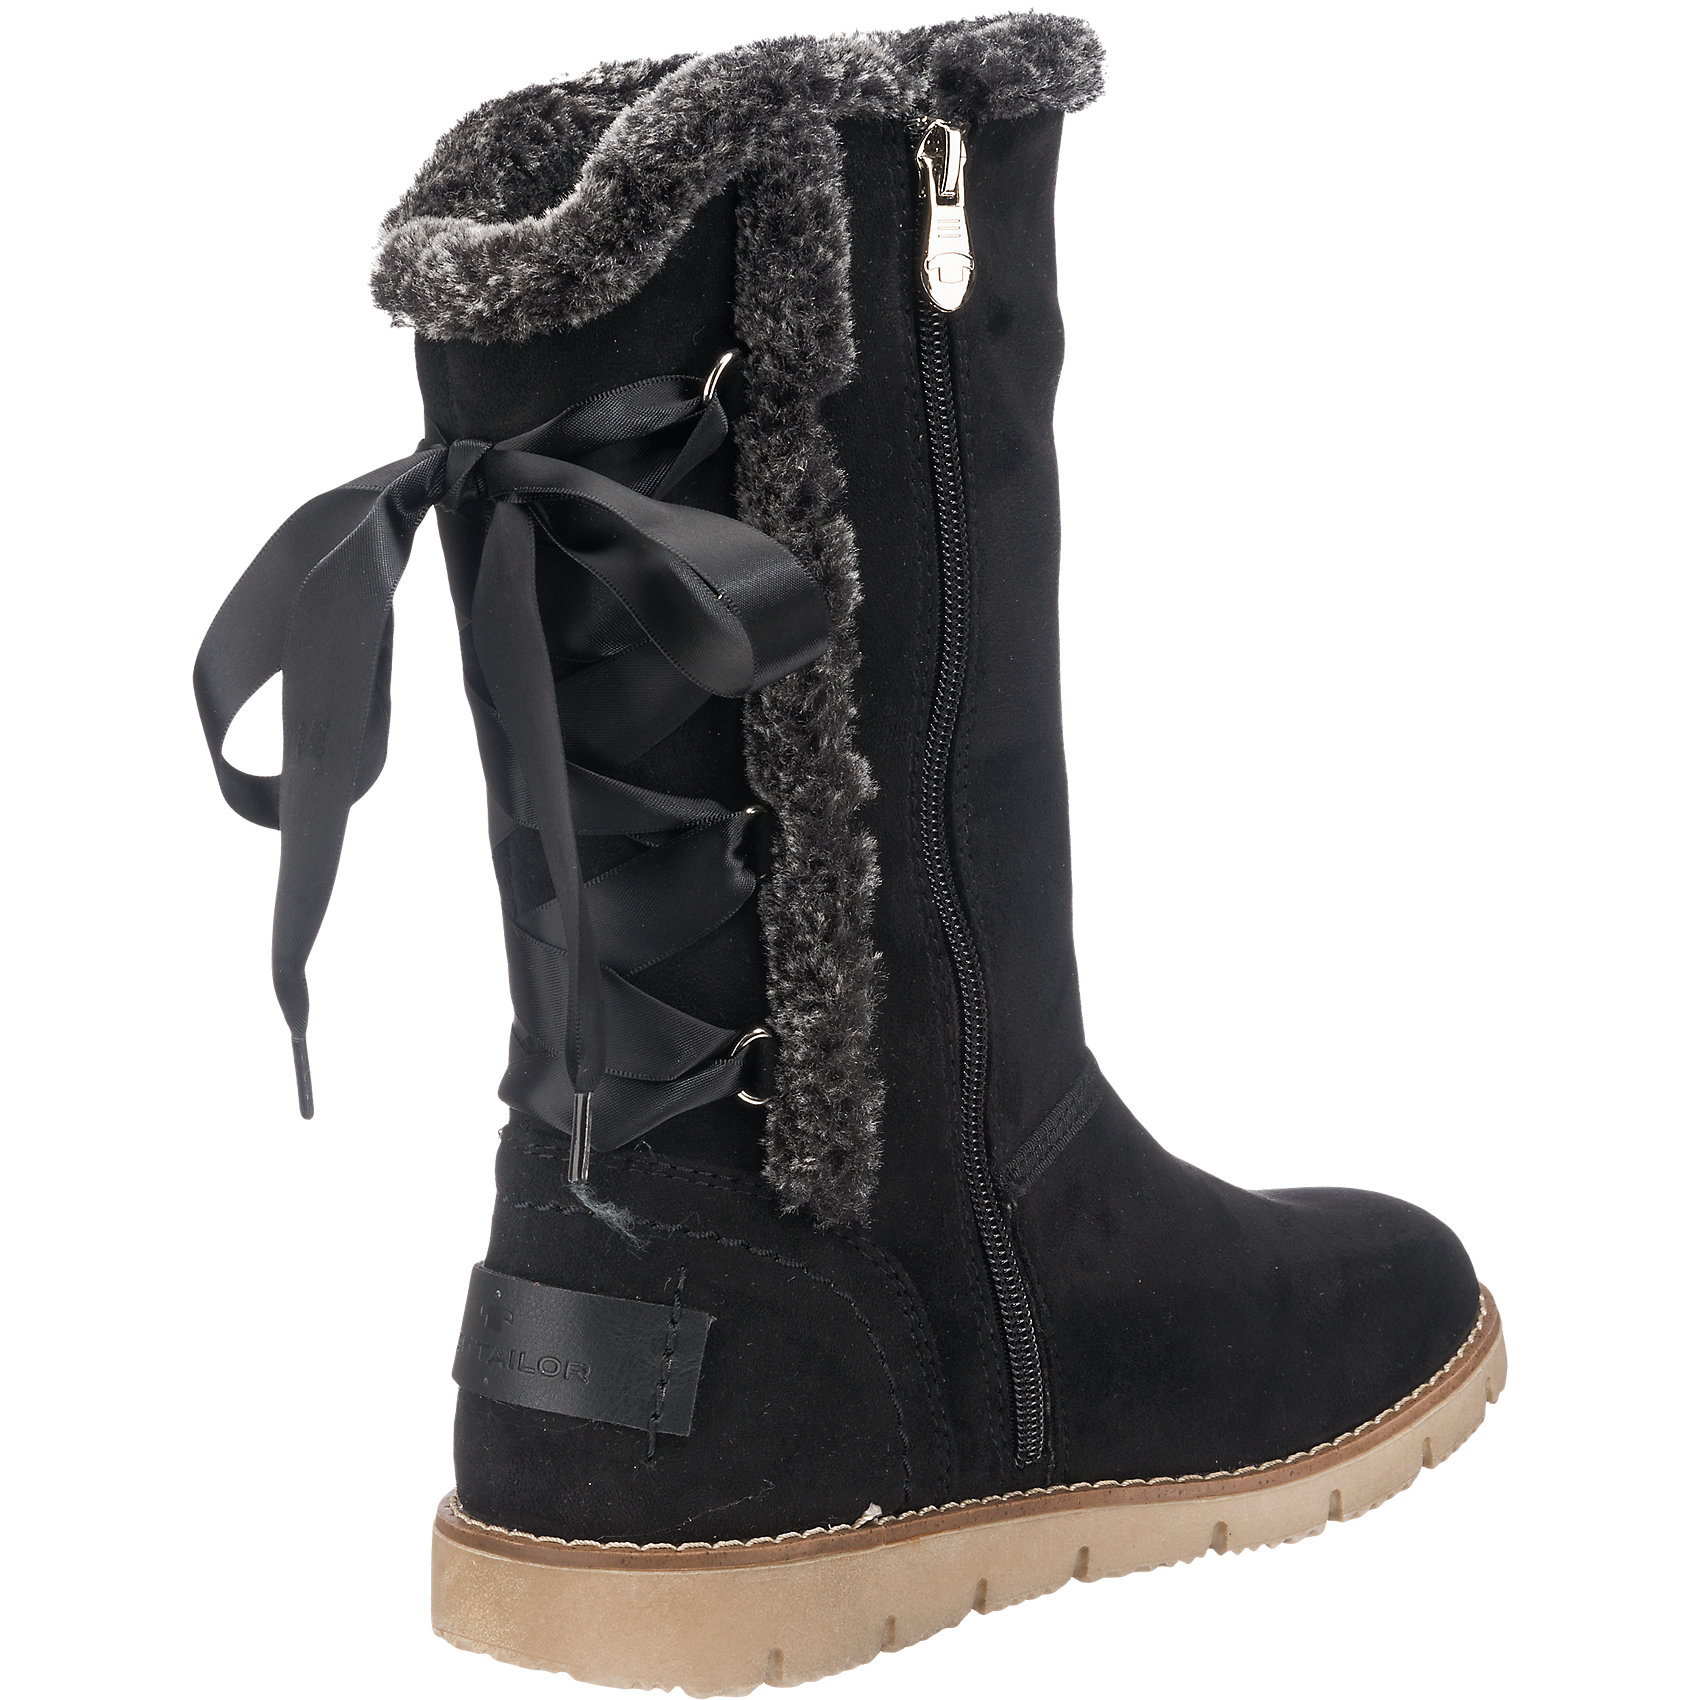 Neu TOM TBILOR Stiefel 6863008 für Damen schwarz